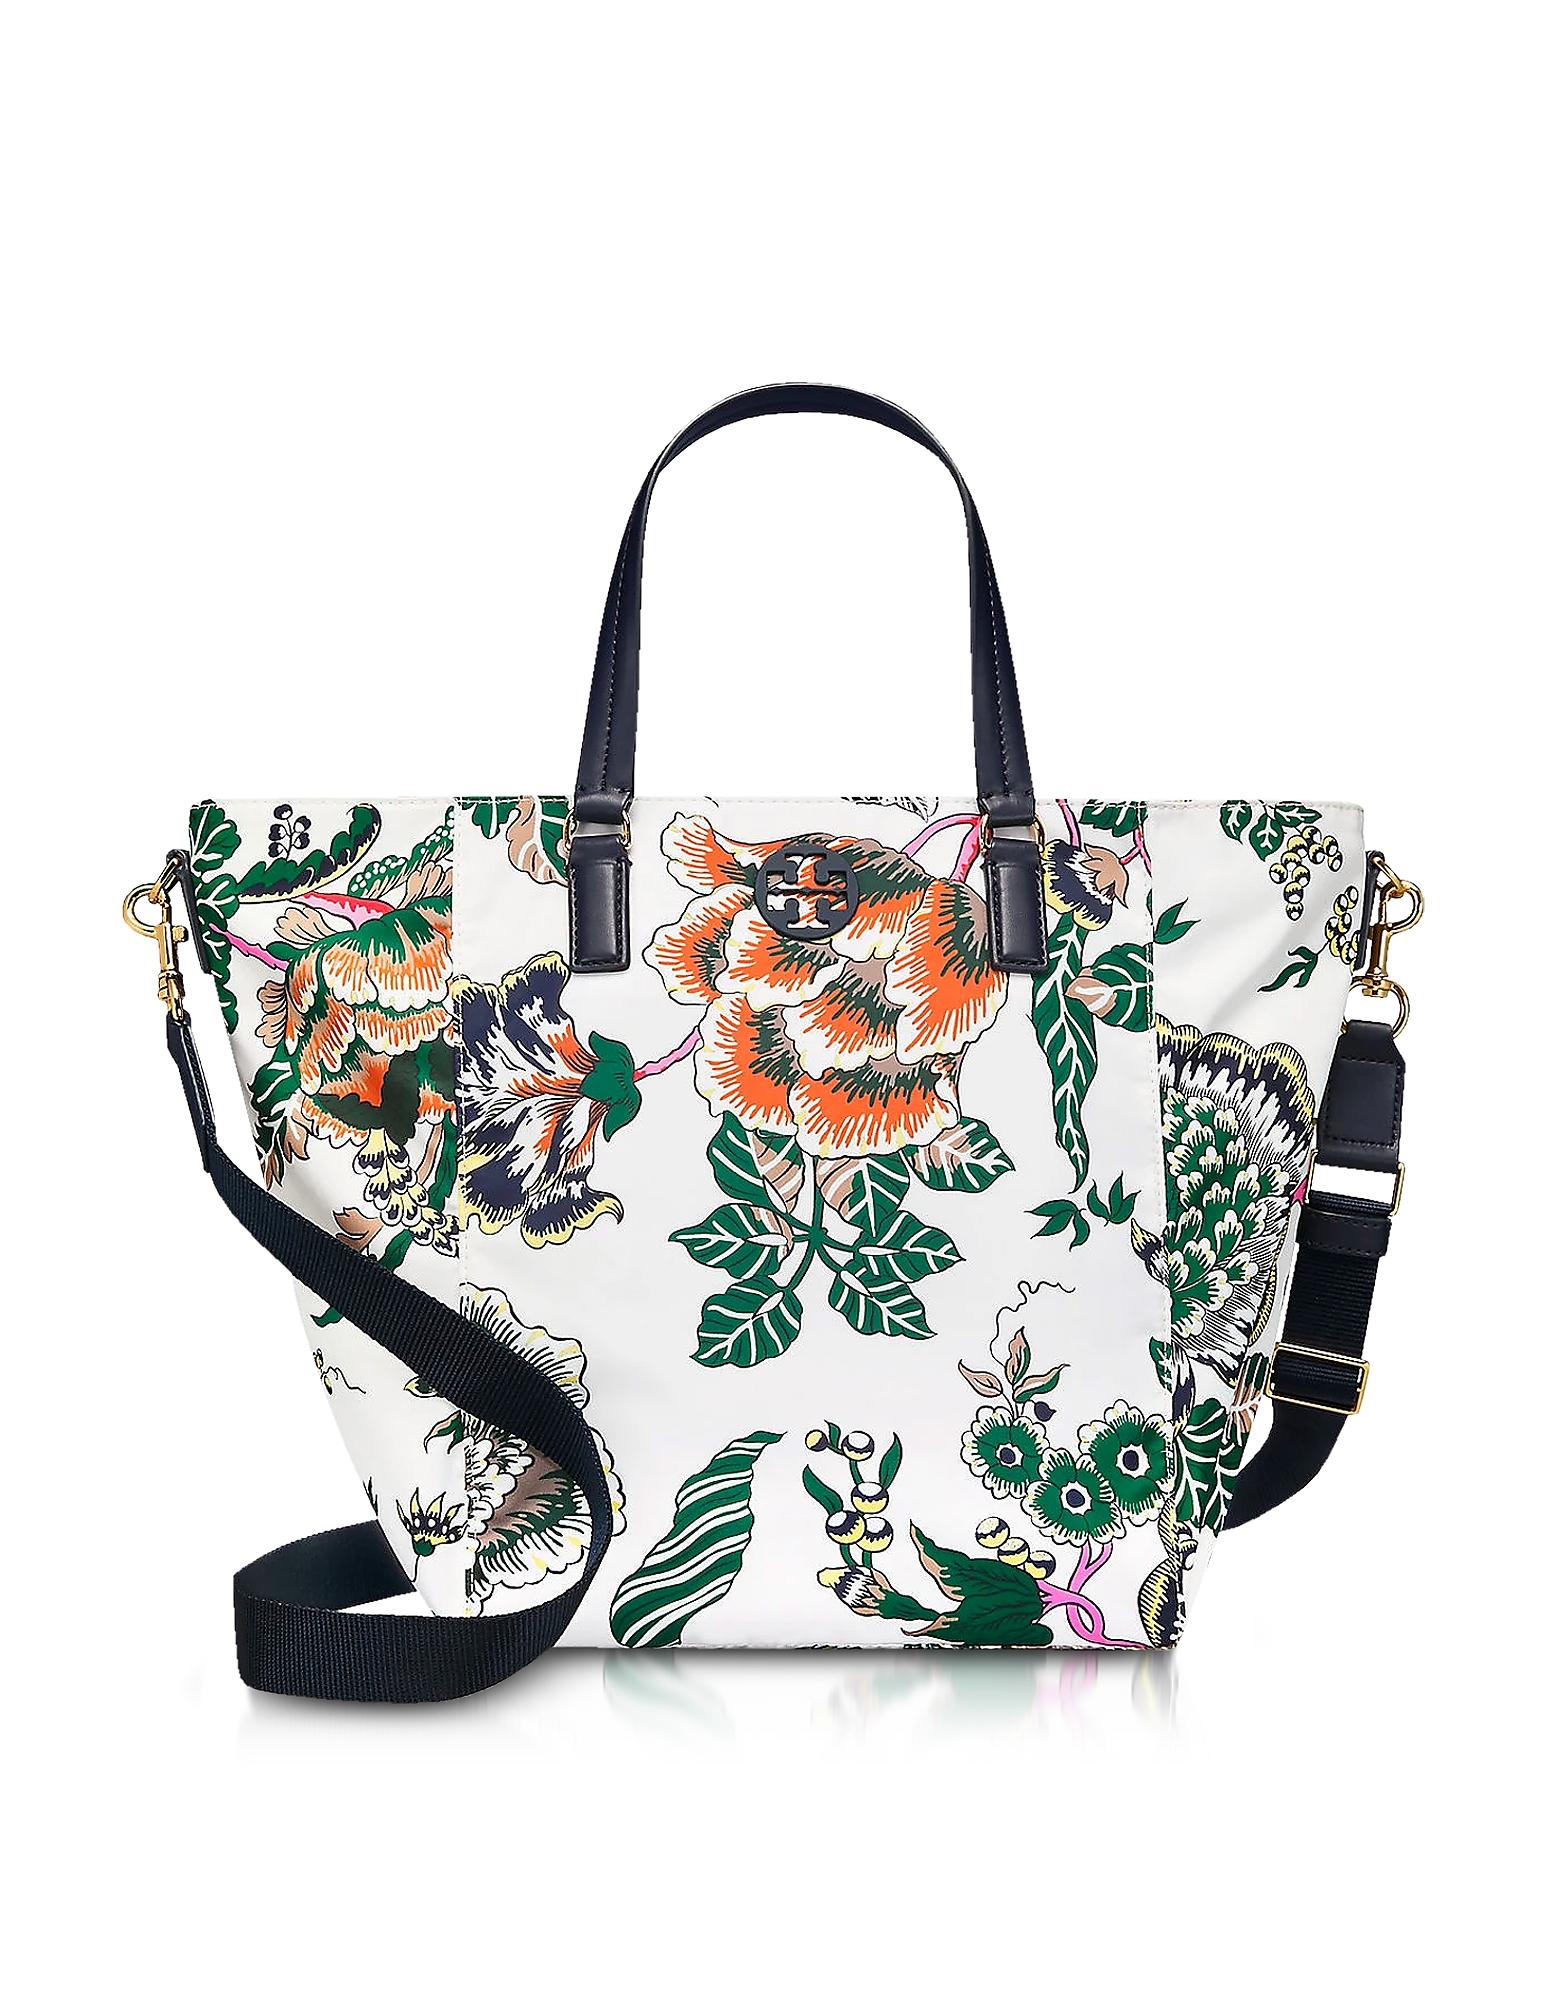 Tory Burch Handbags, Tilda Ivory Happy Times Printed Nylon Small Tote Bag